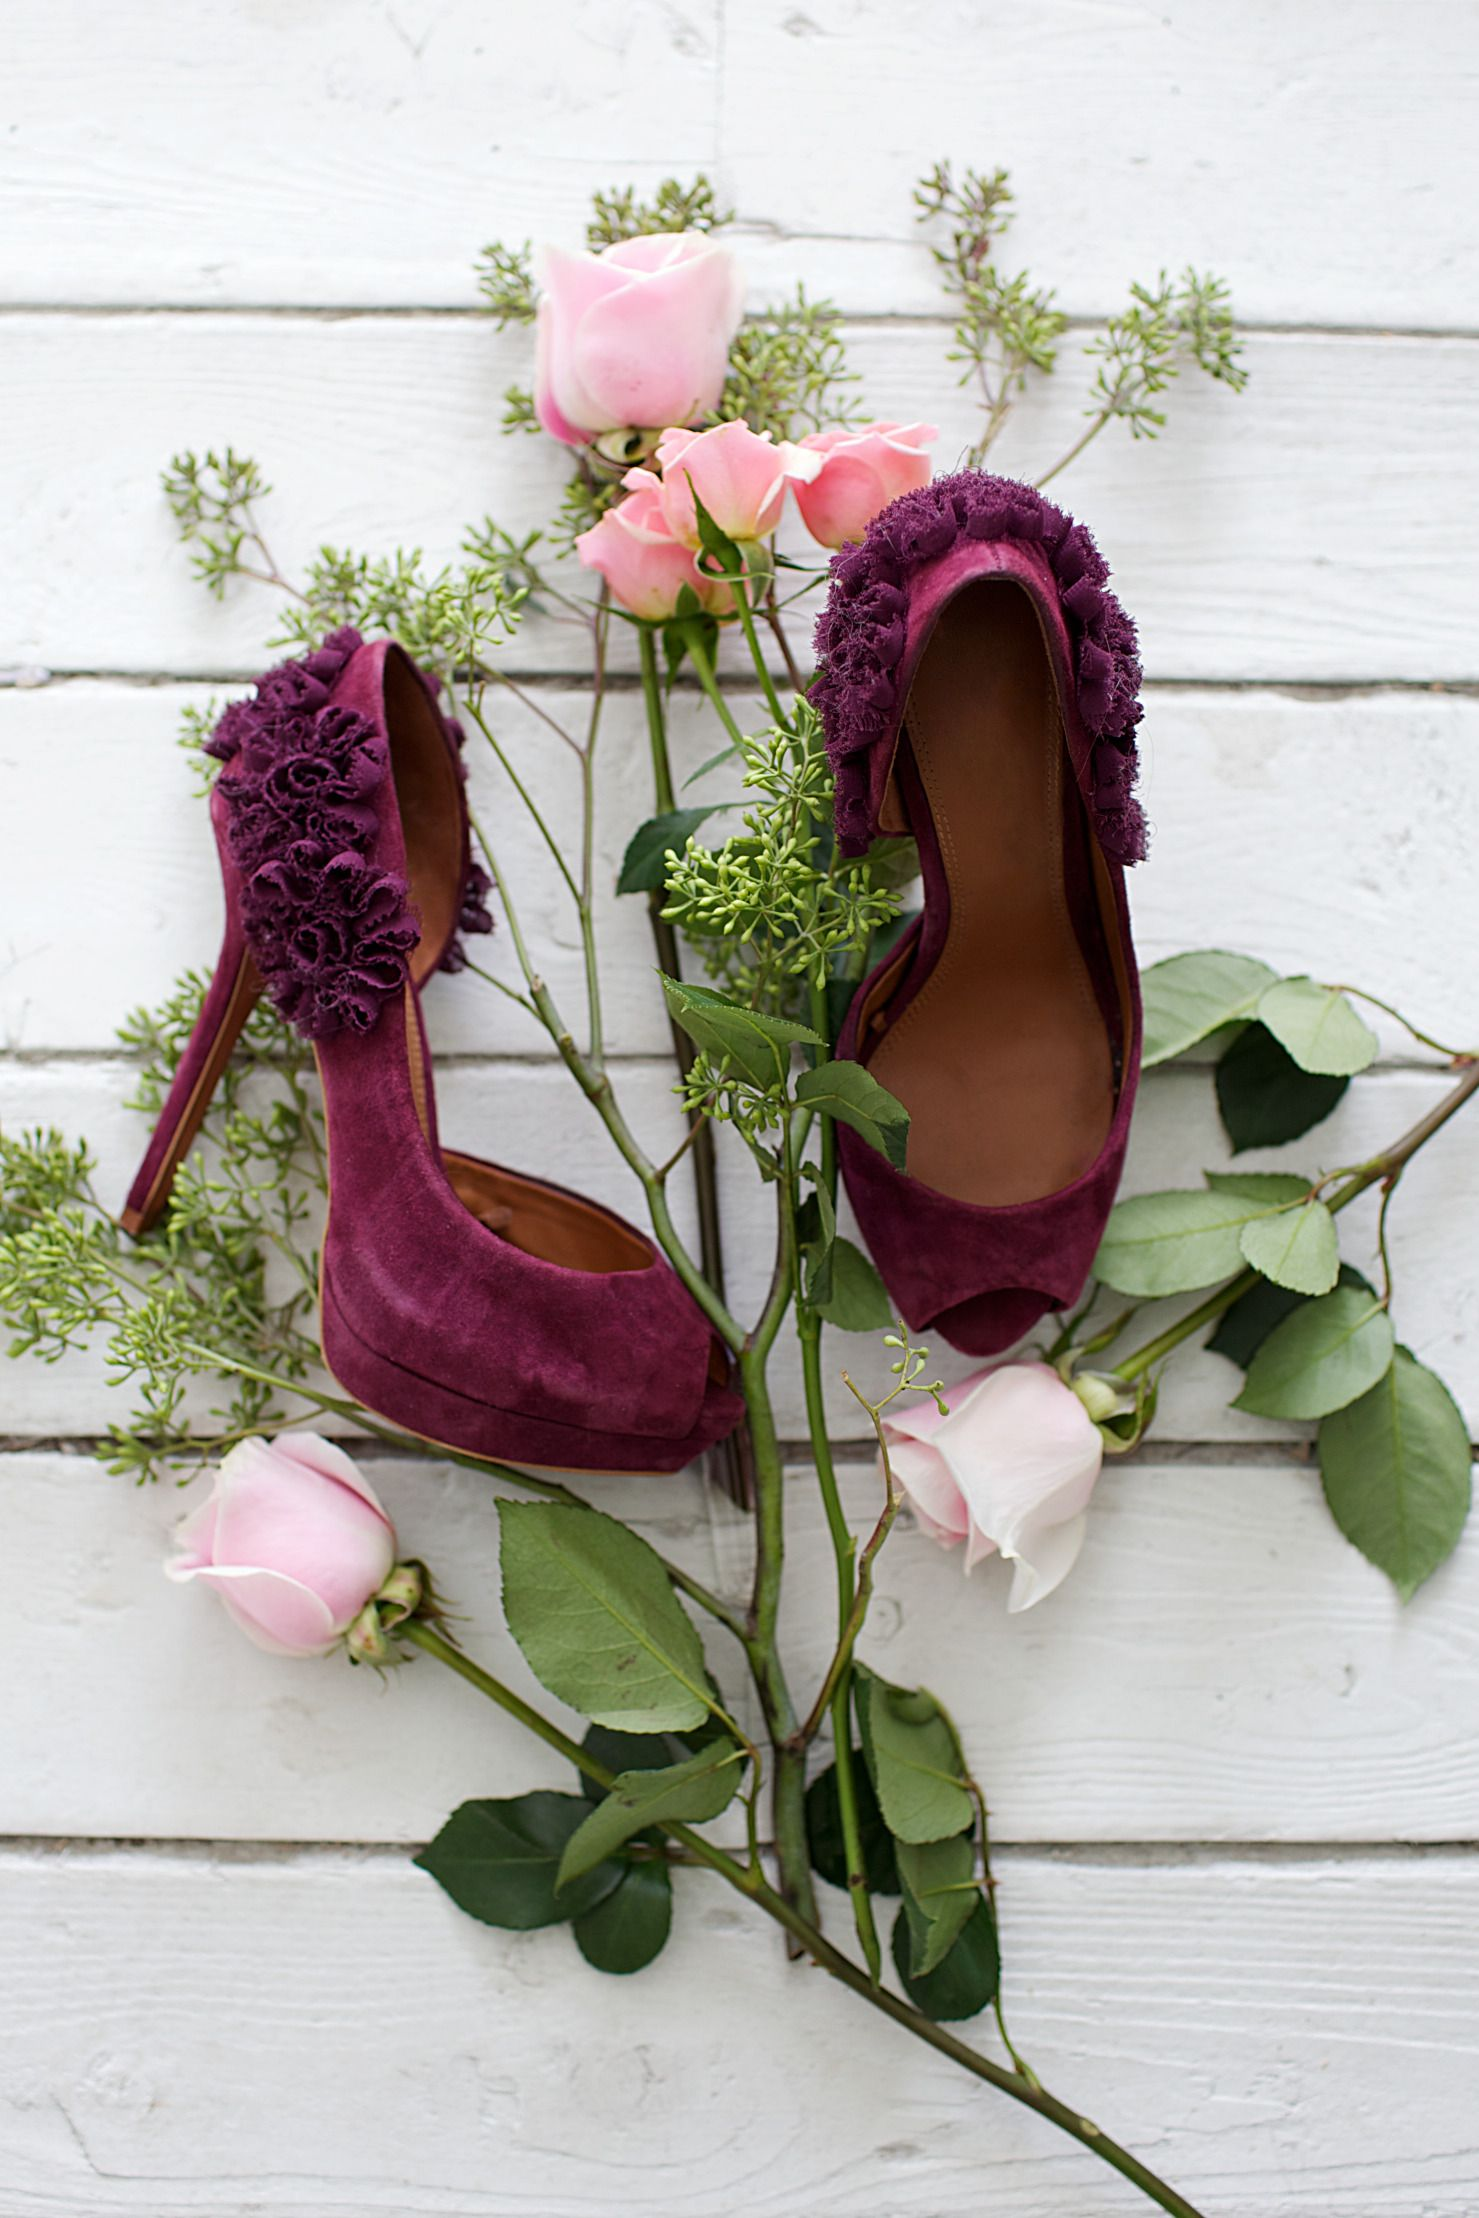 #pumps #bruidsschoenen #trouwschoenen #bruiloft #trouwen #bruiloft #inspiratie #wedding #bridal #shoes #heels #inspiration | Photography: Valeria Burlesque Photography | ThePerfectWedding.nl